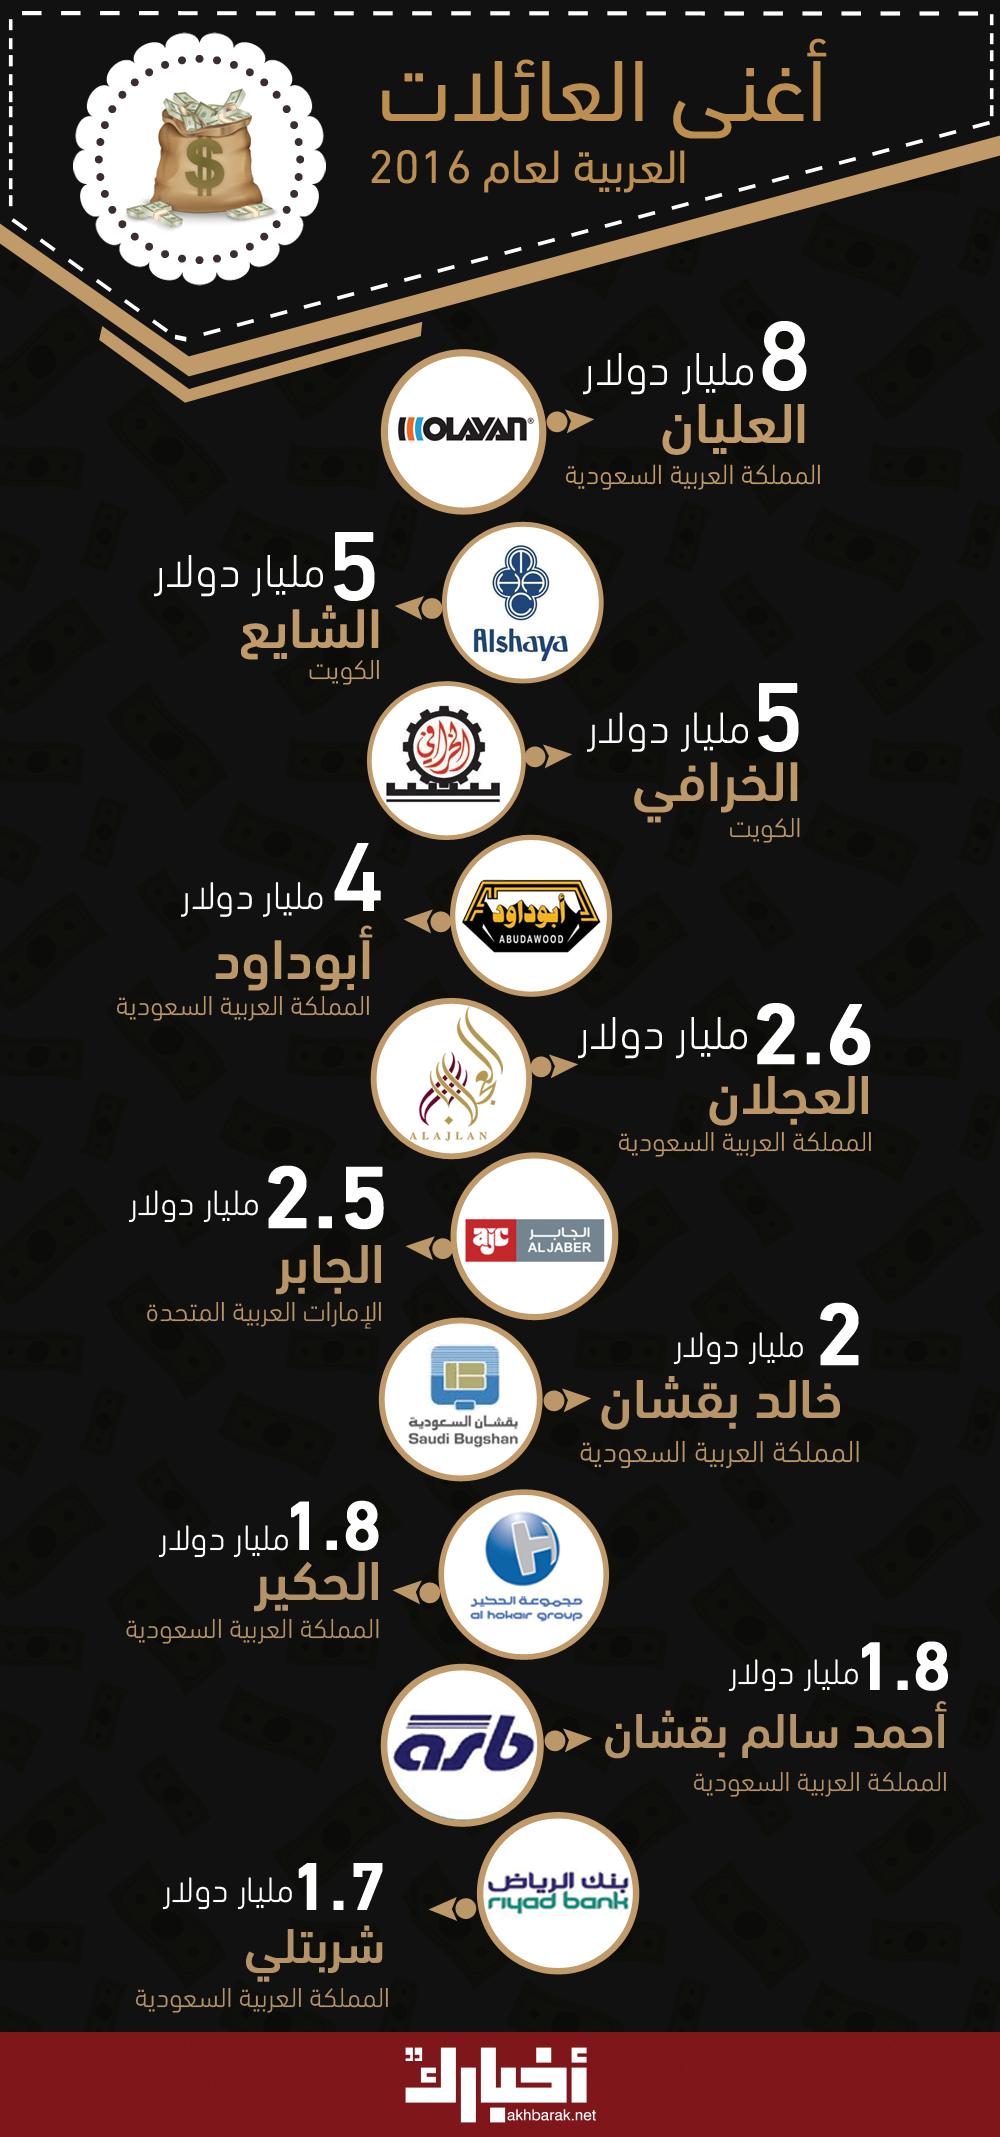 #حصاد_2016| أغنى العائلات العربية لعام 2016